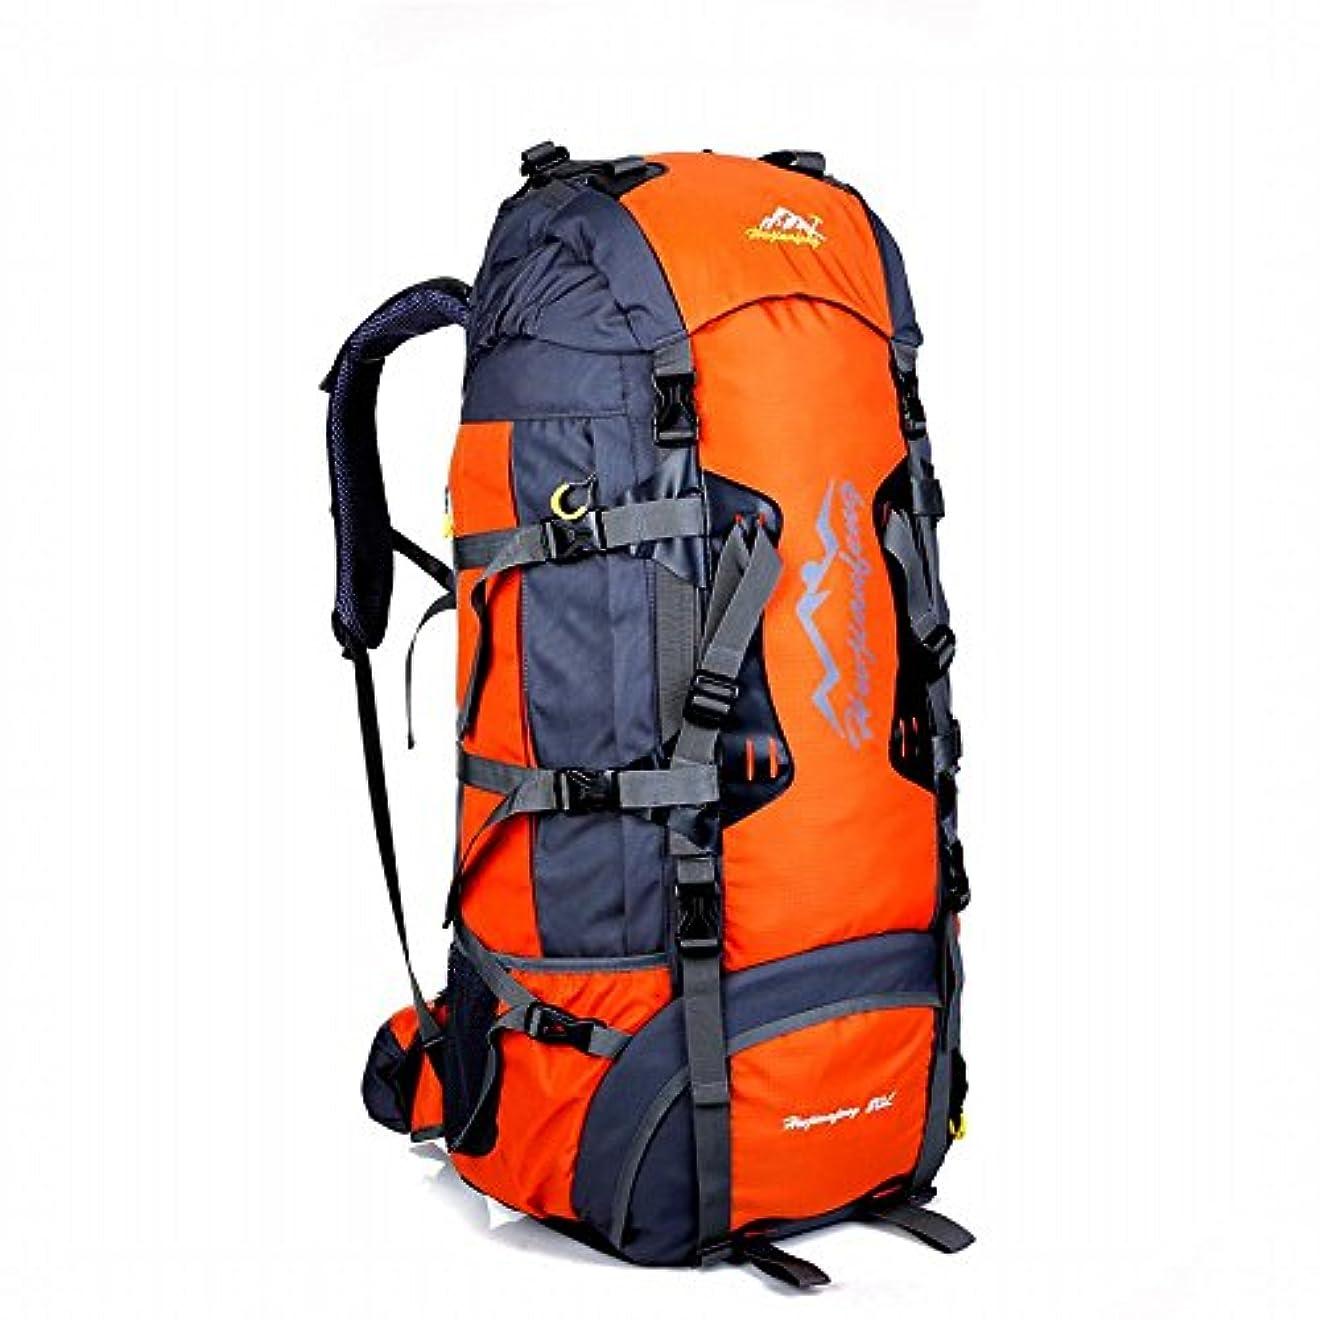 私達きらめき欲しいですPhoenix Ikki 80L 多機能 大容量 長期旅行 海外旅行 プロ 登山ザック リュックサック バックパック レインカバー付き インナーフレーム付き